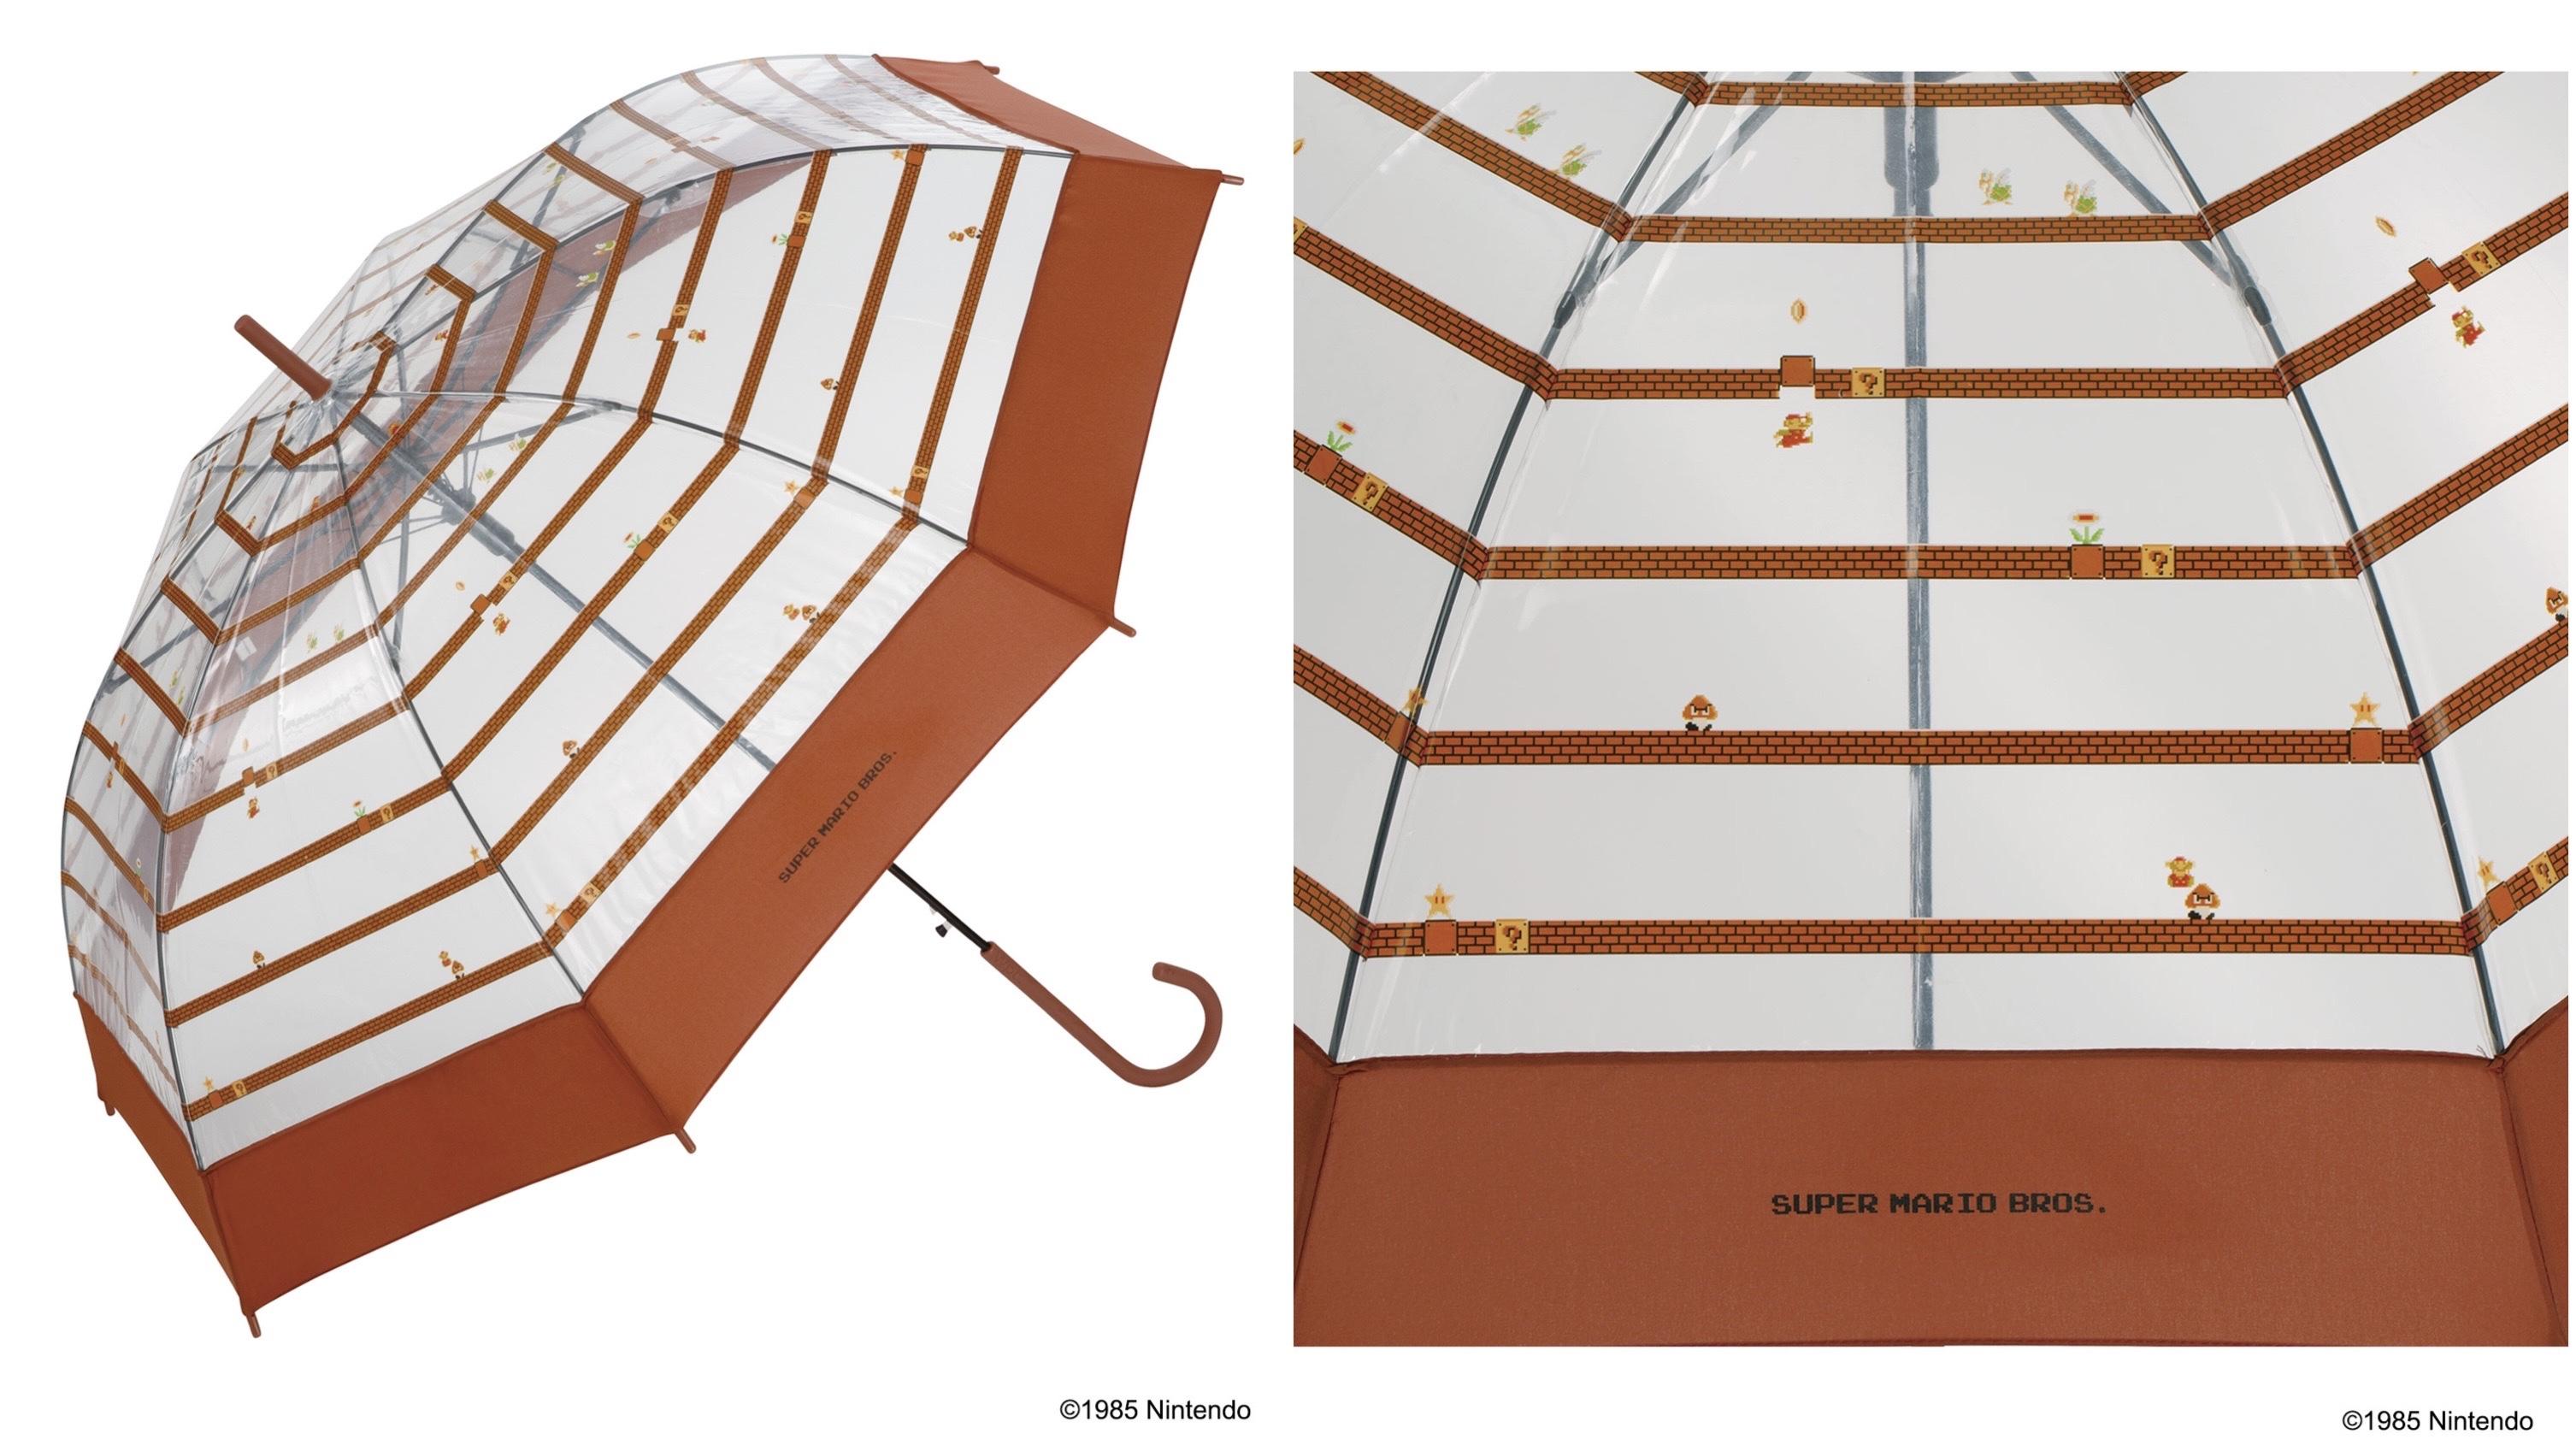 Wpc.のスーパーマリオブラザーズデザインビニール傘のブロックボーダー柄